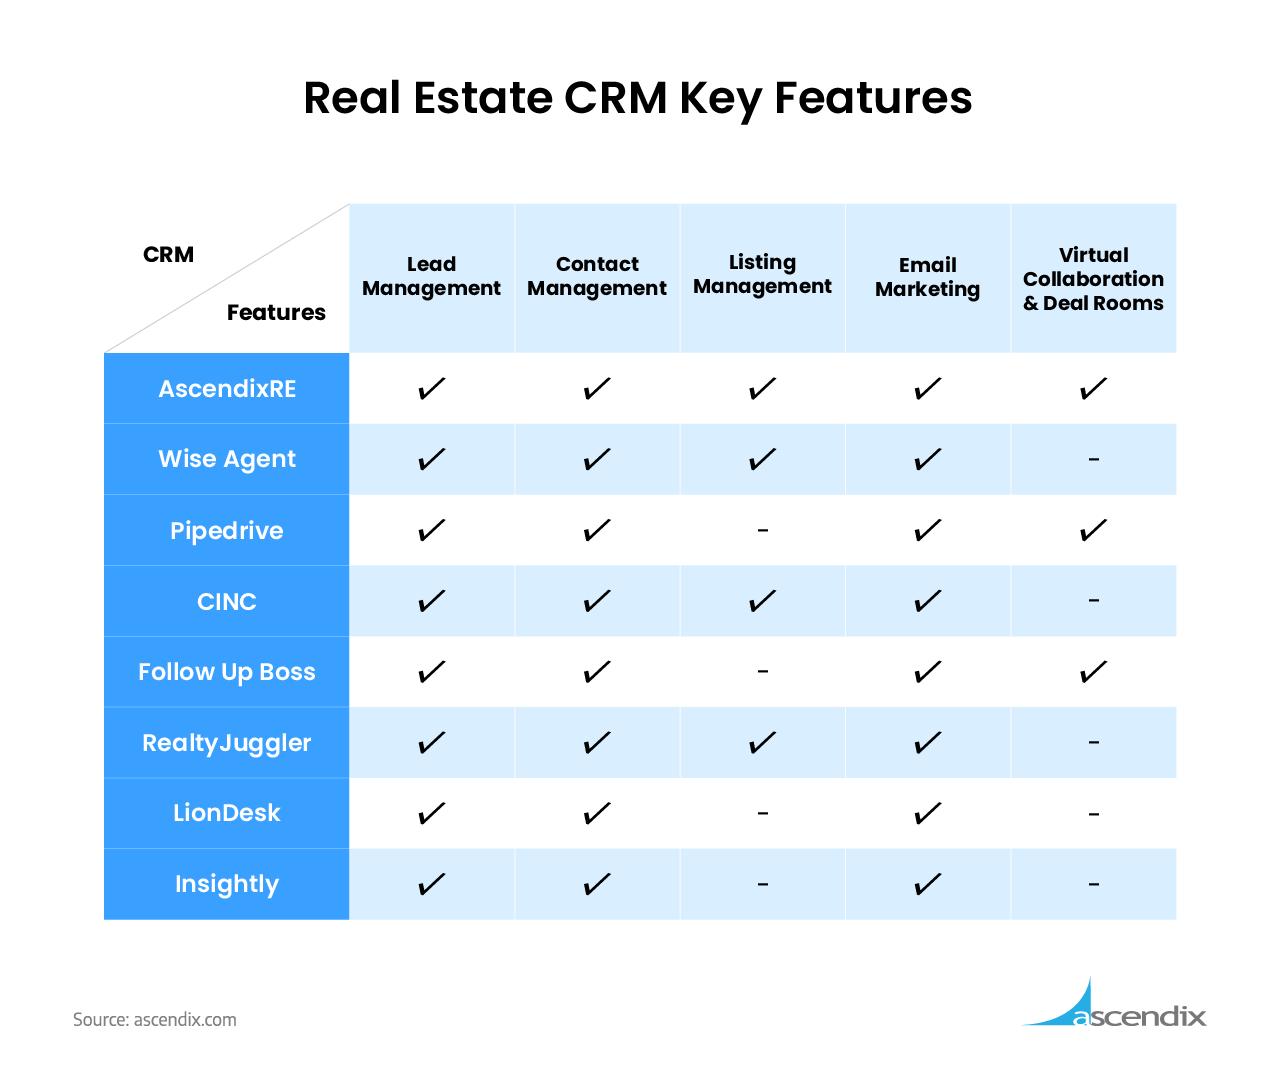 Real-Estate-CRM-Key-Features-Comparison